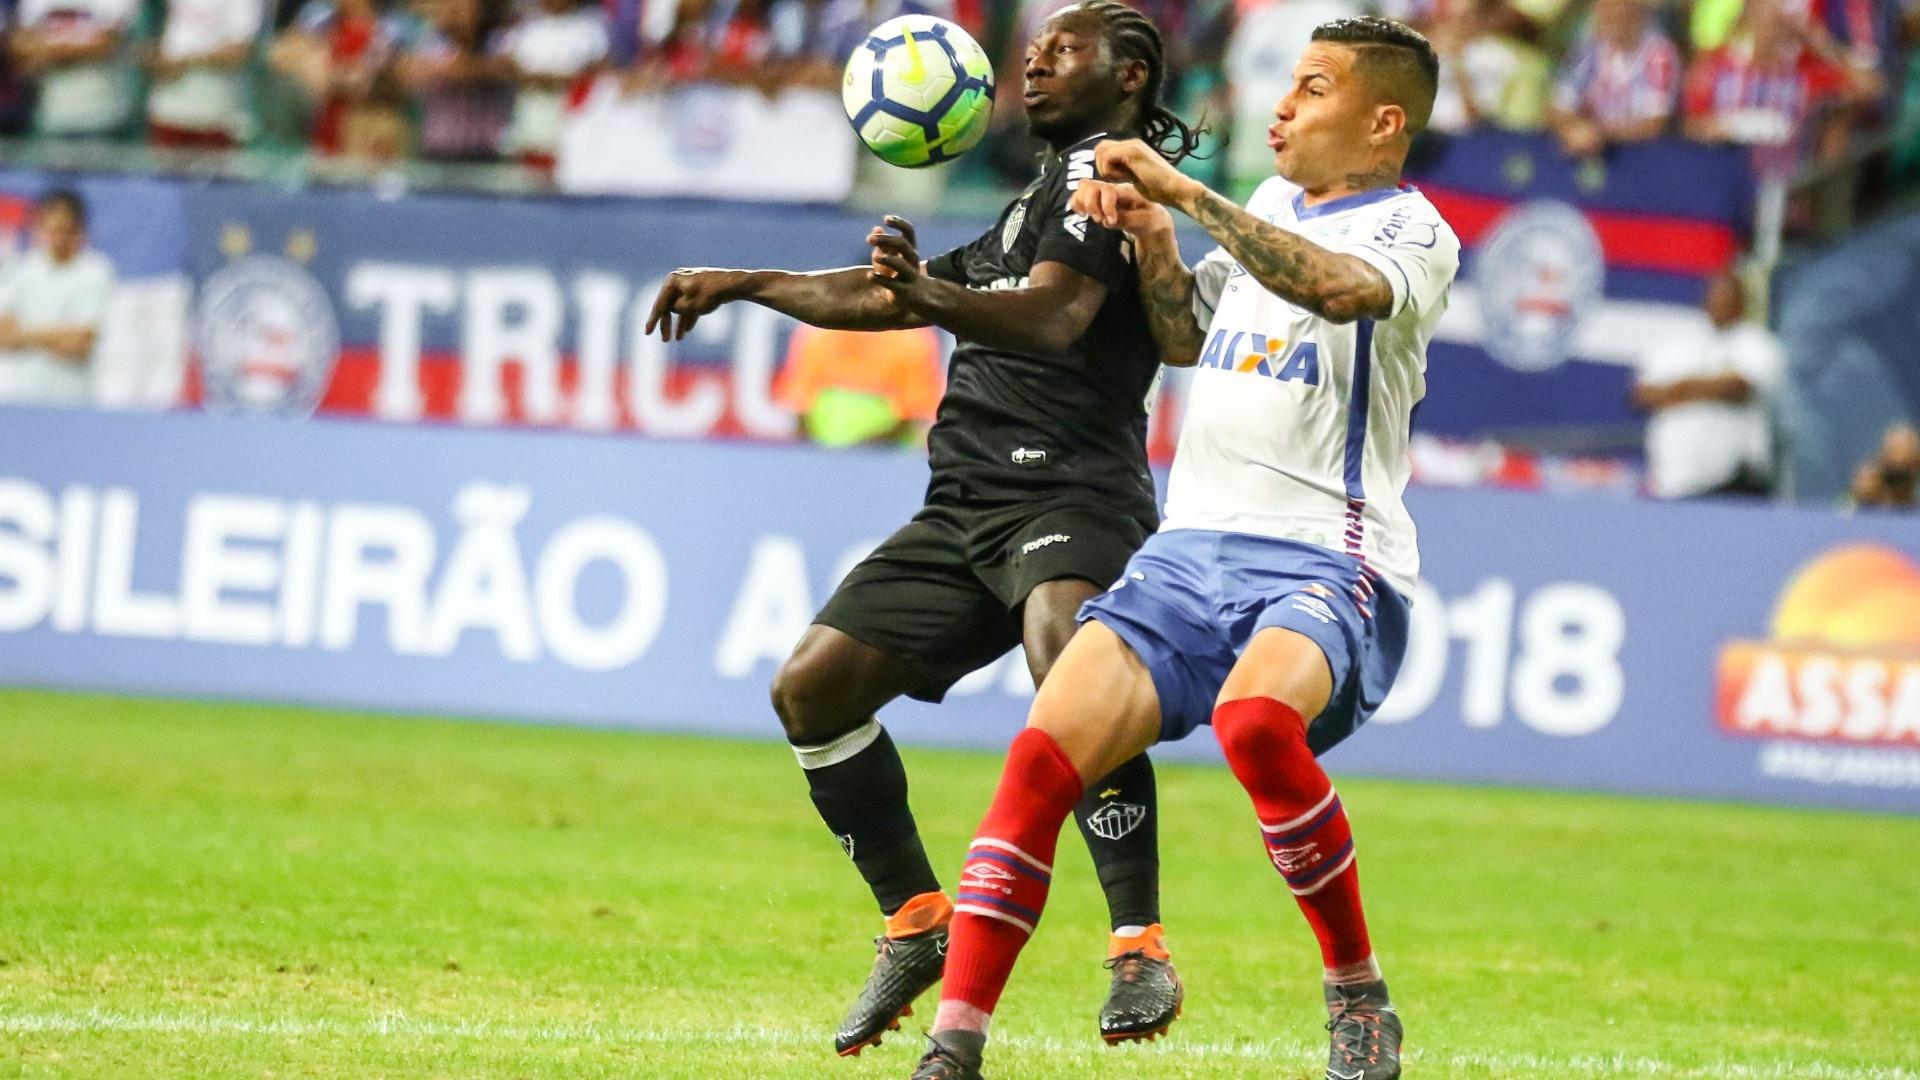 Chará domina a bola em lance da partida entre Bahia e Atlético-MG